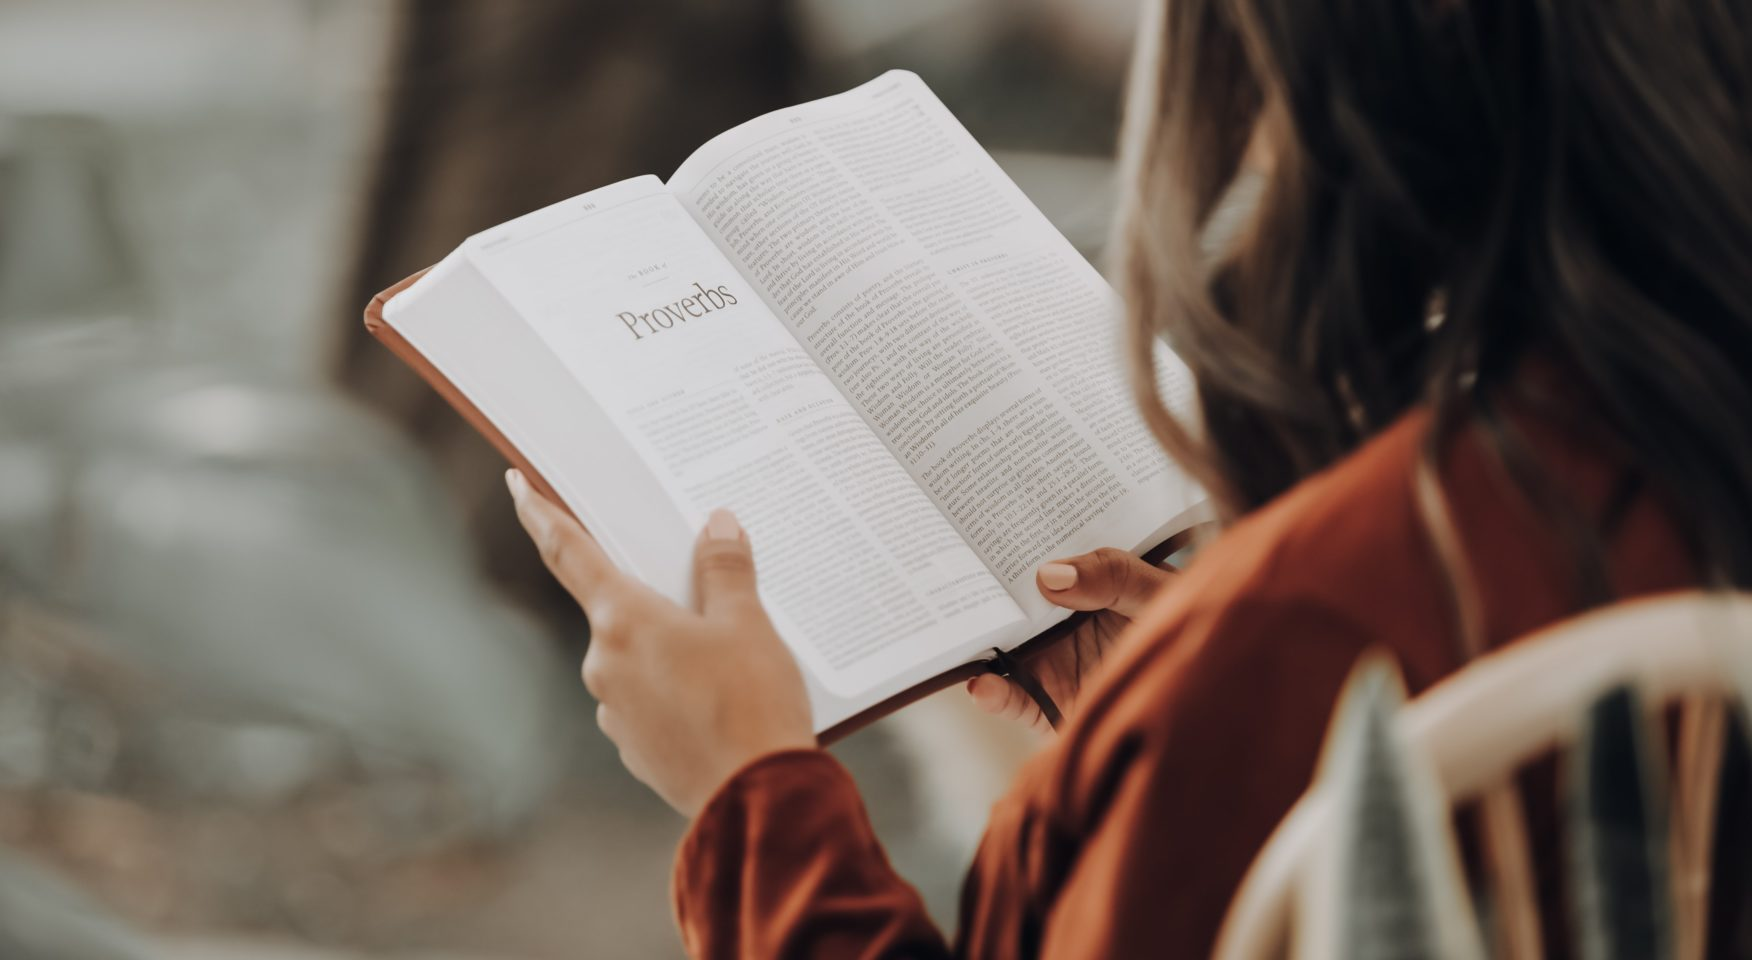 Woman in orange shirt reading Bible